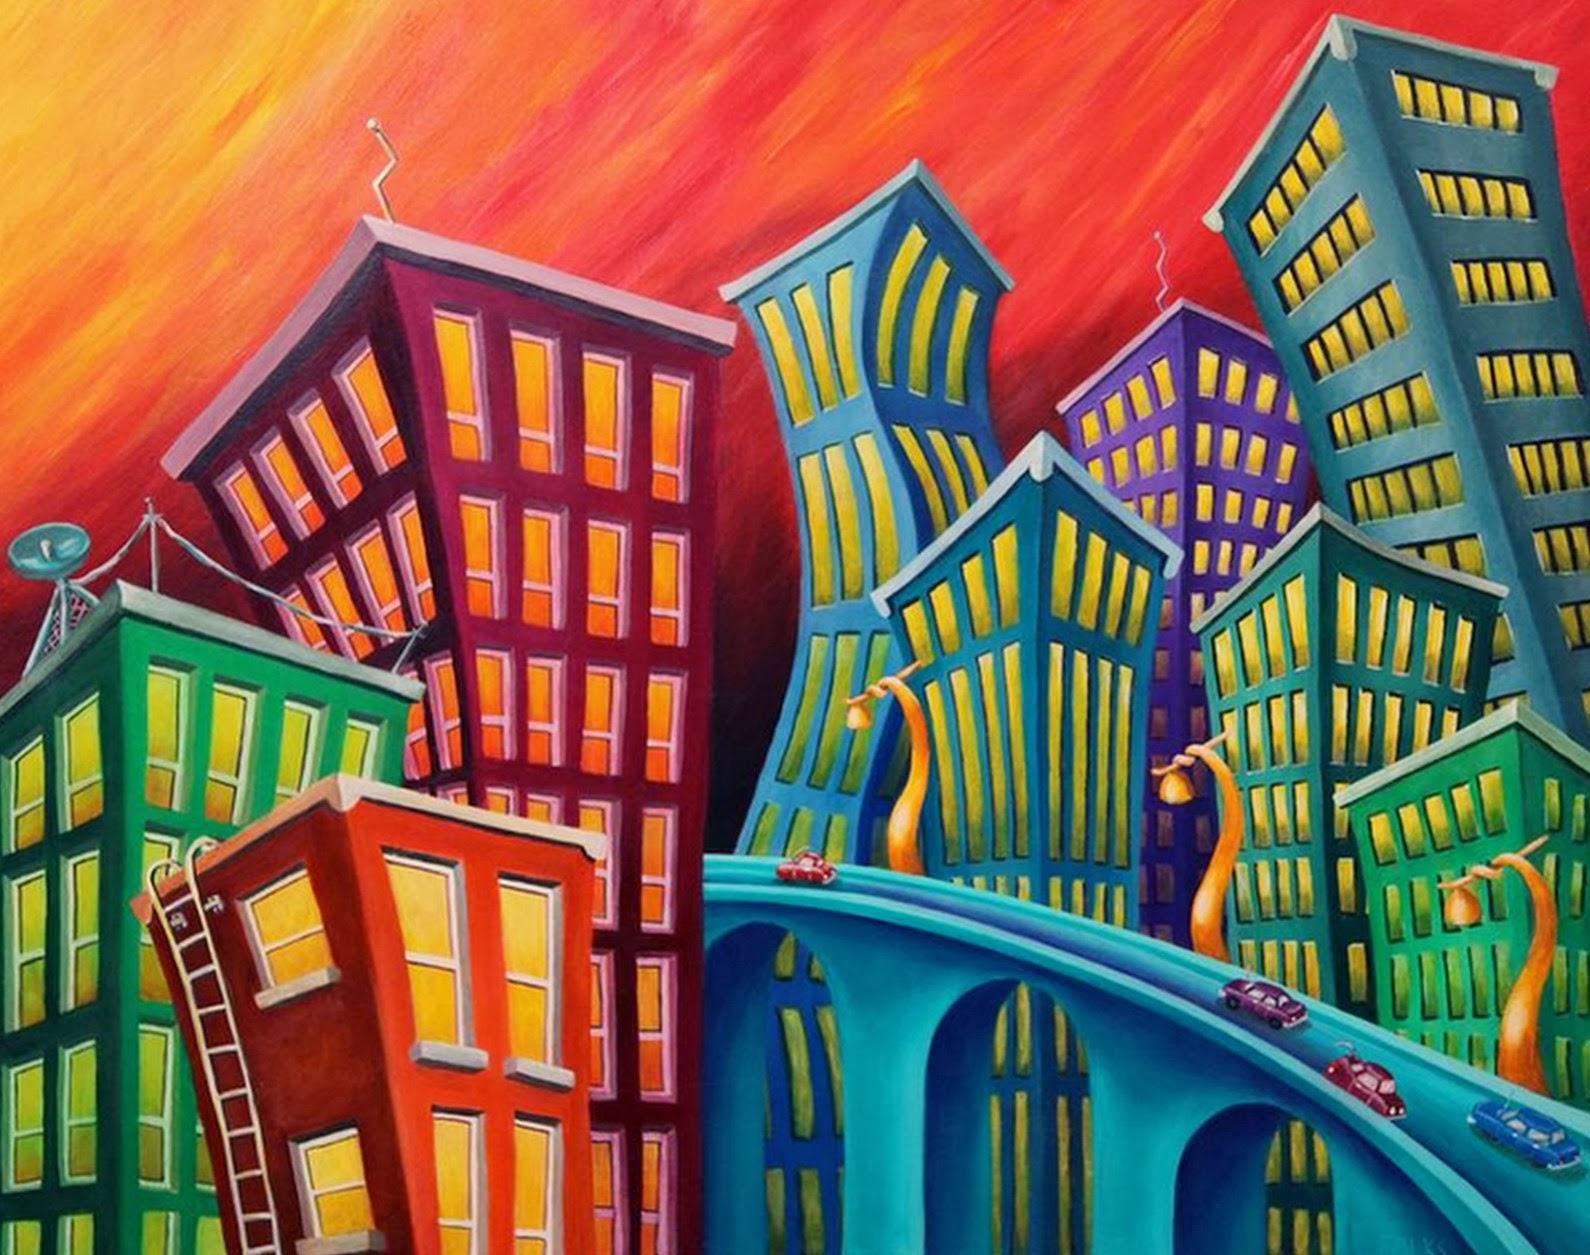 Pintura Moderna Y Fotografía Artística Pintura Artística Del